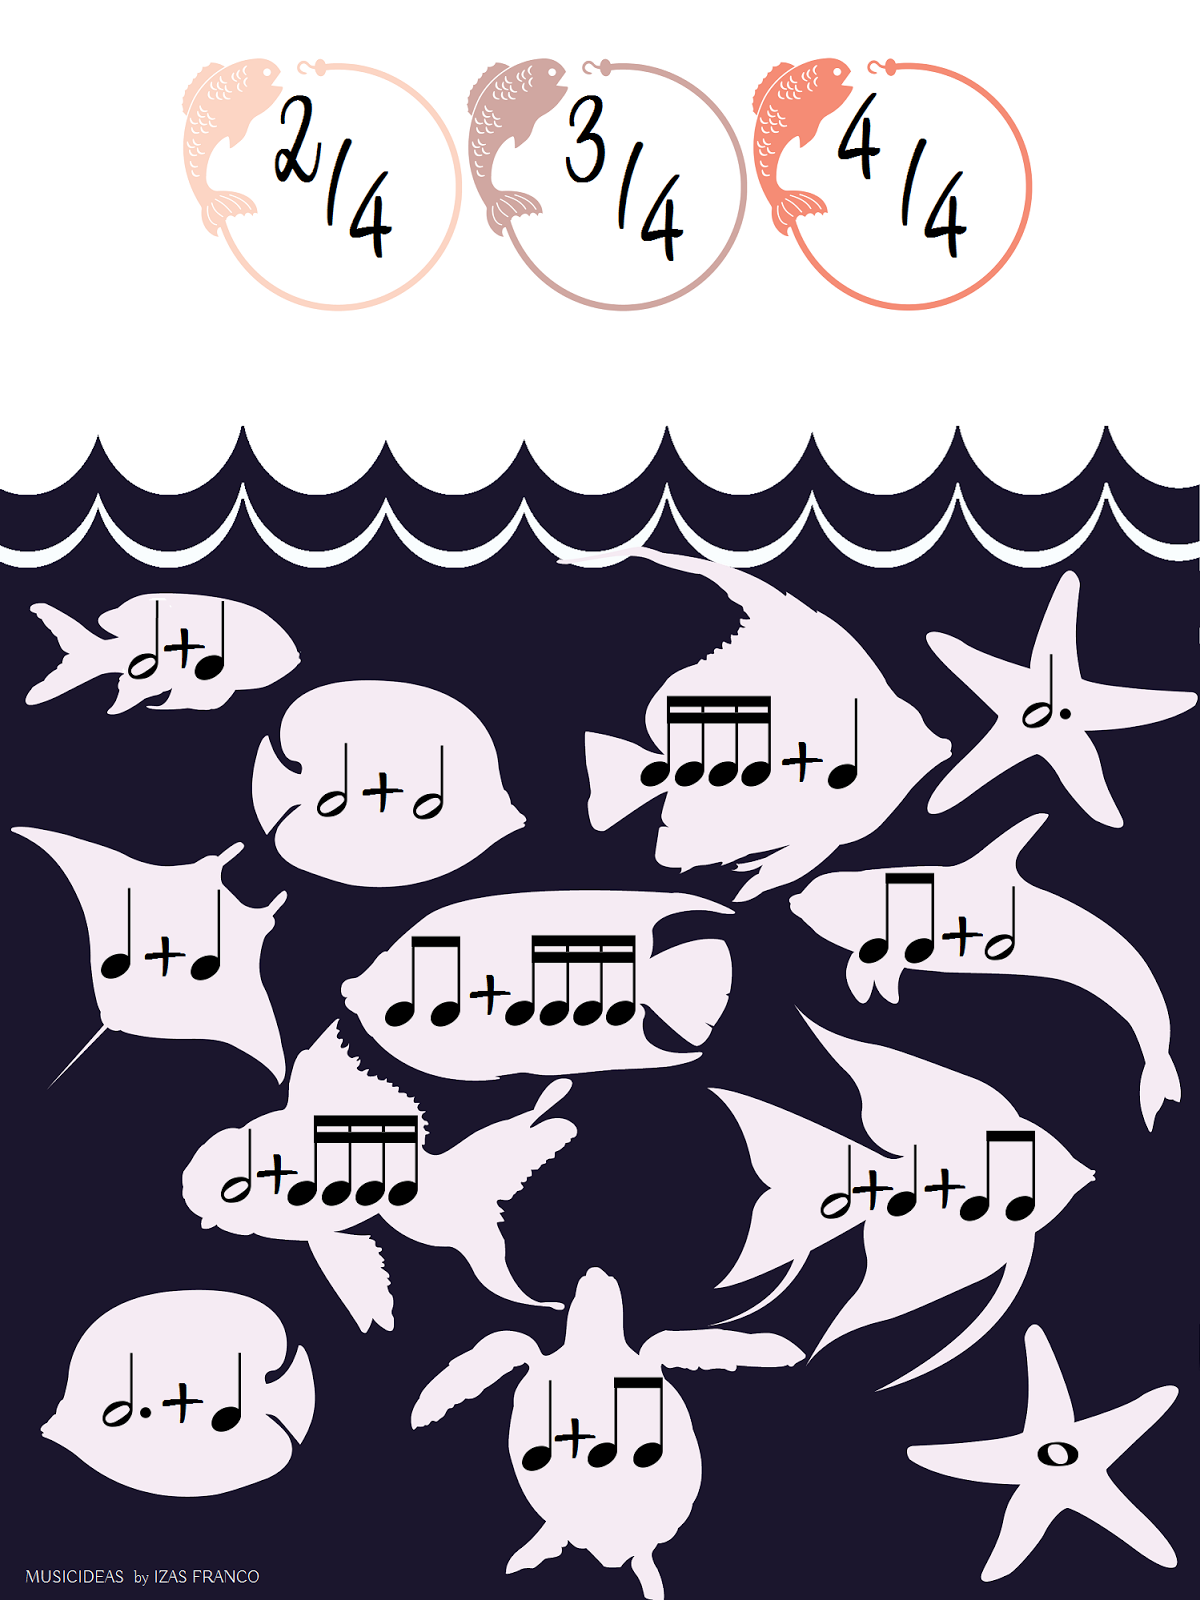 Actividad Divertida De Lenguaje Musical Para Peques Con Una Ficha De Suma De Valores Rítmicos Educacion Musical Actividades Musicales Fichas De Música